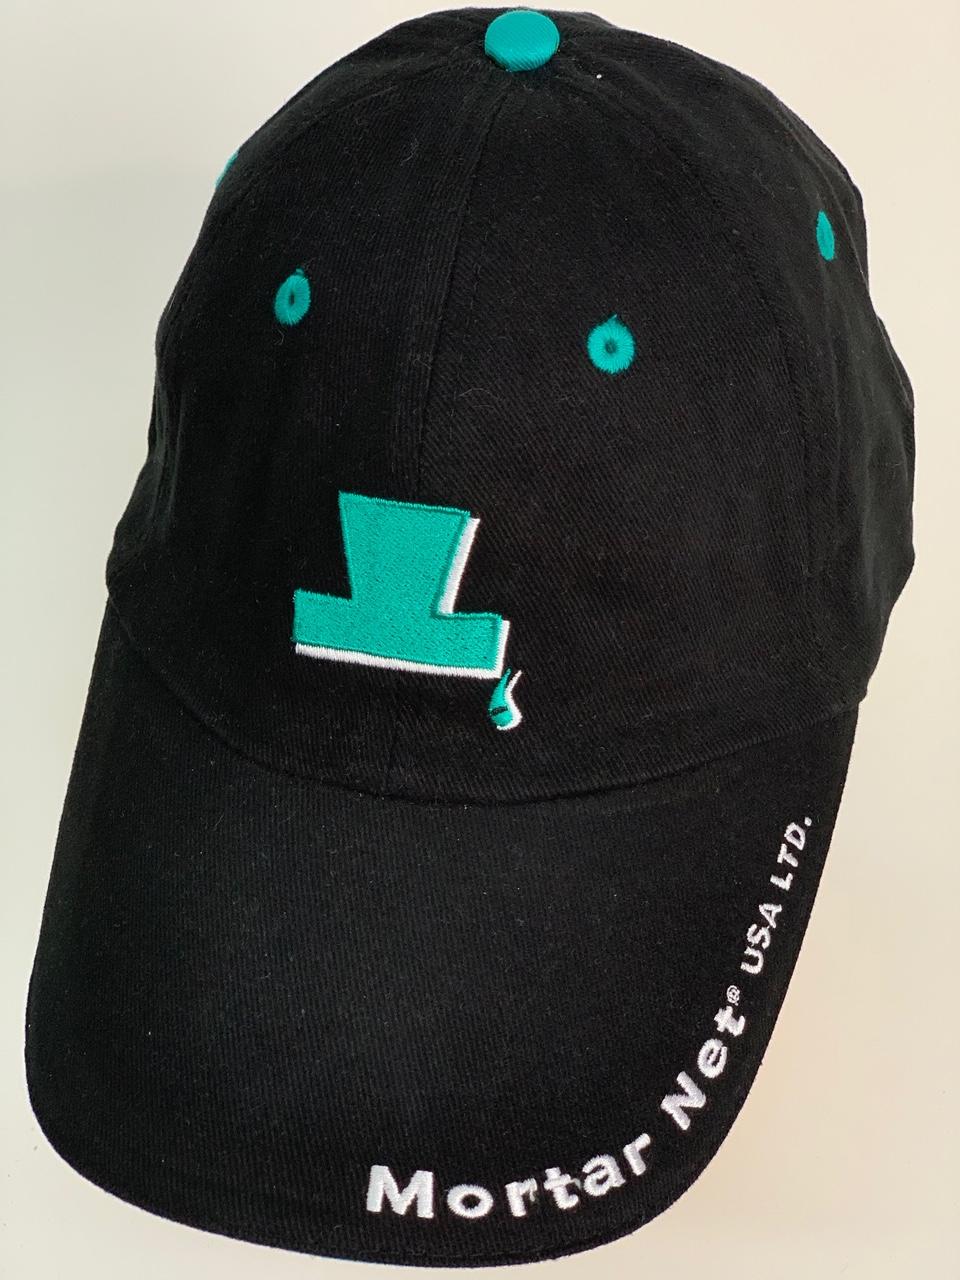 Черная бейсболка с надписью Mortar Net USA LTD